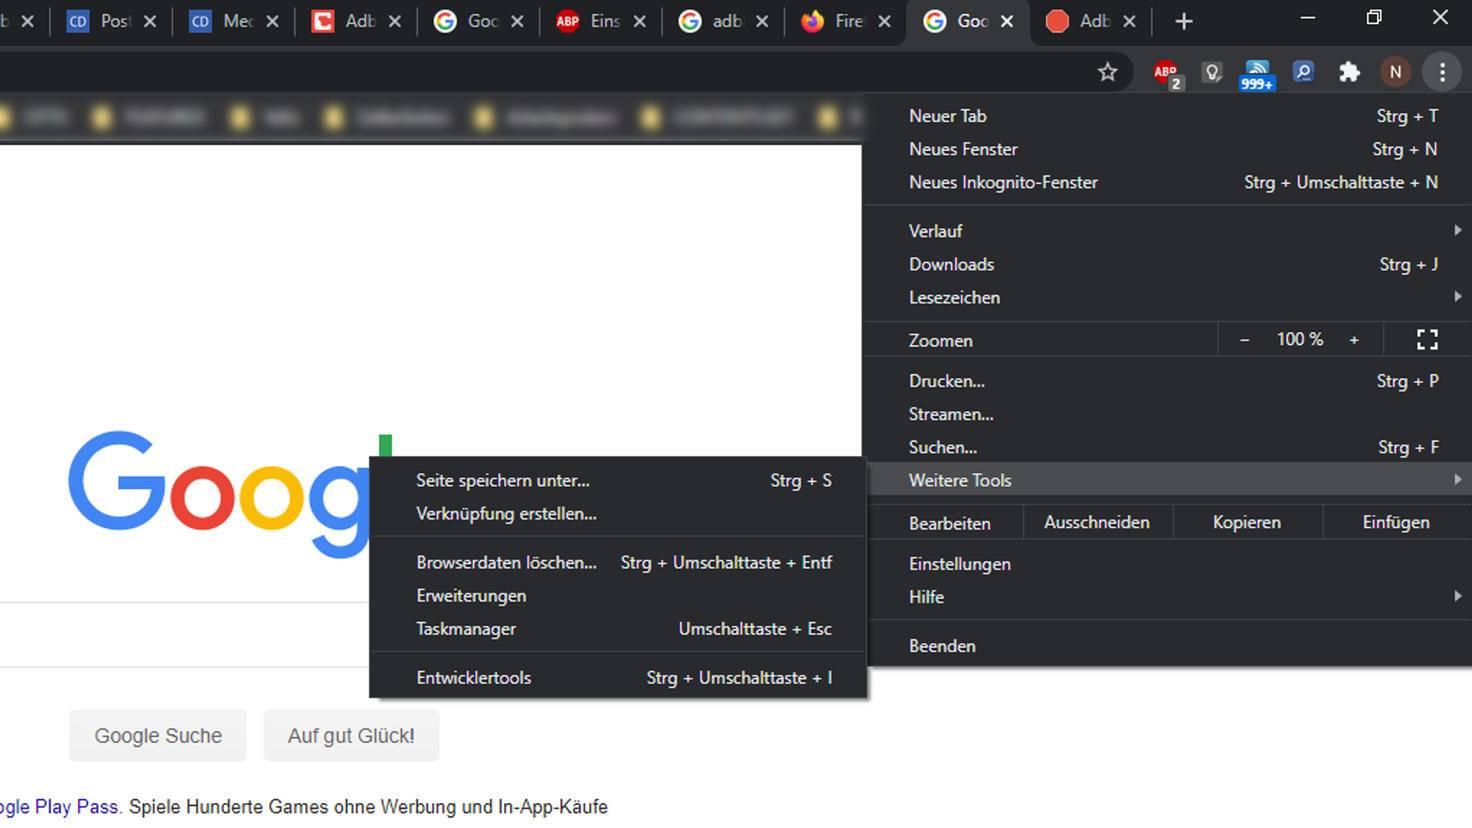 """Die Erweiterungen in Google Chrome finden sich unter """"Weitere Tools""""."""